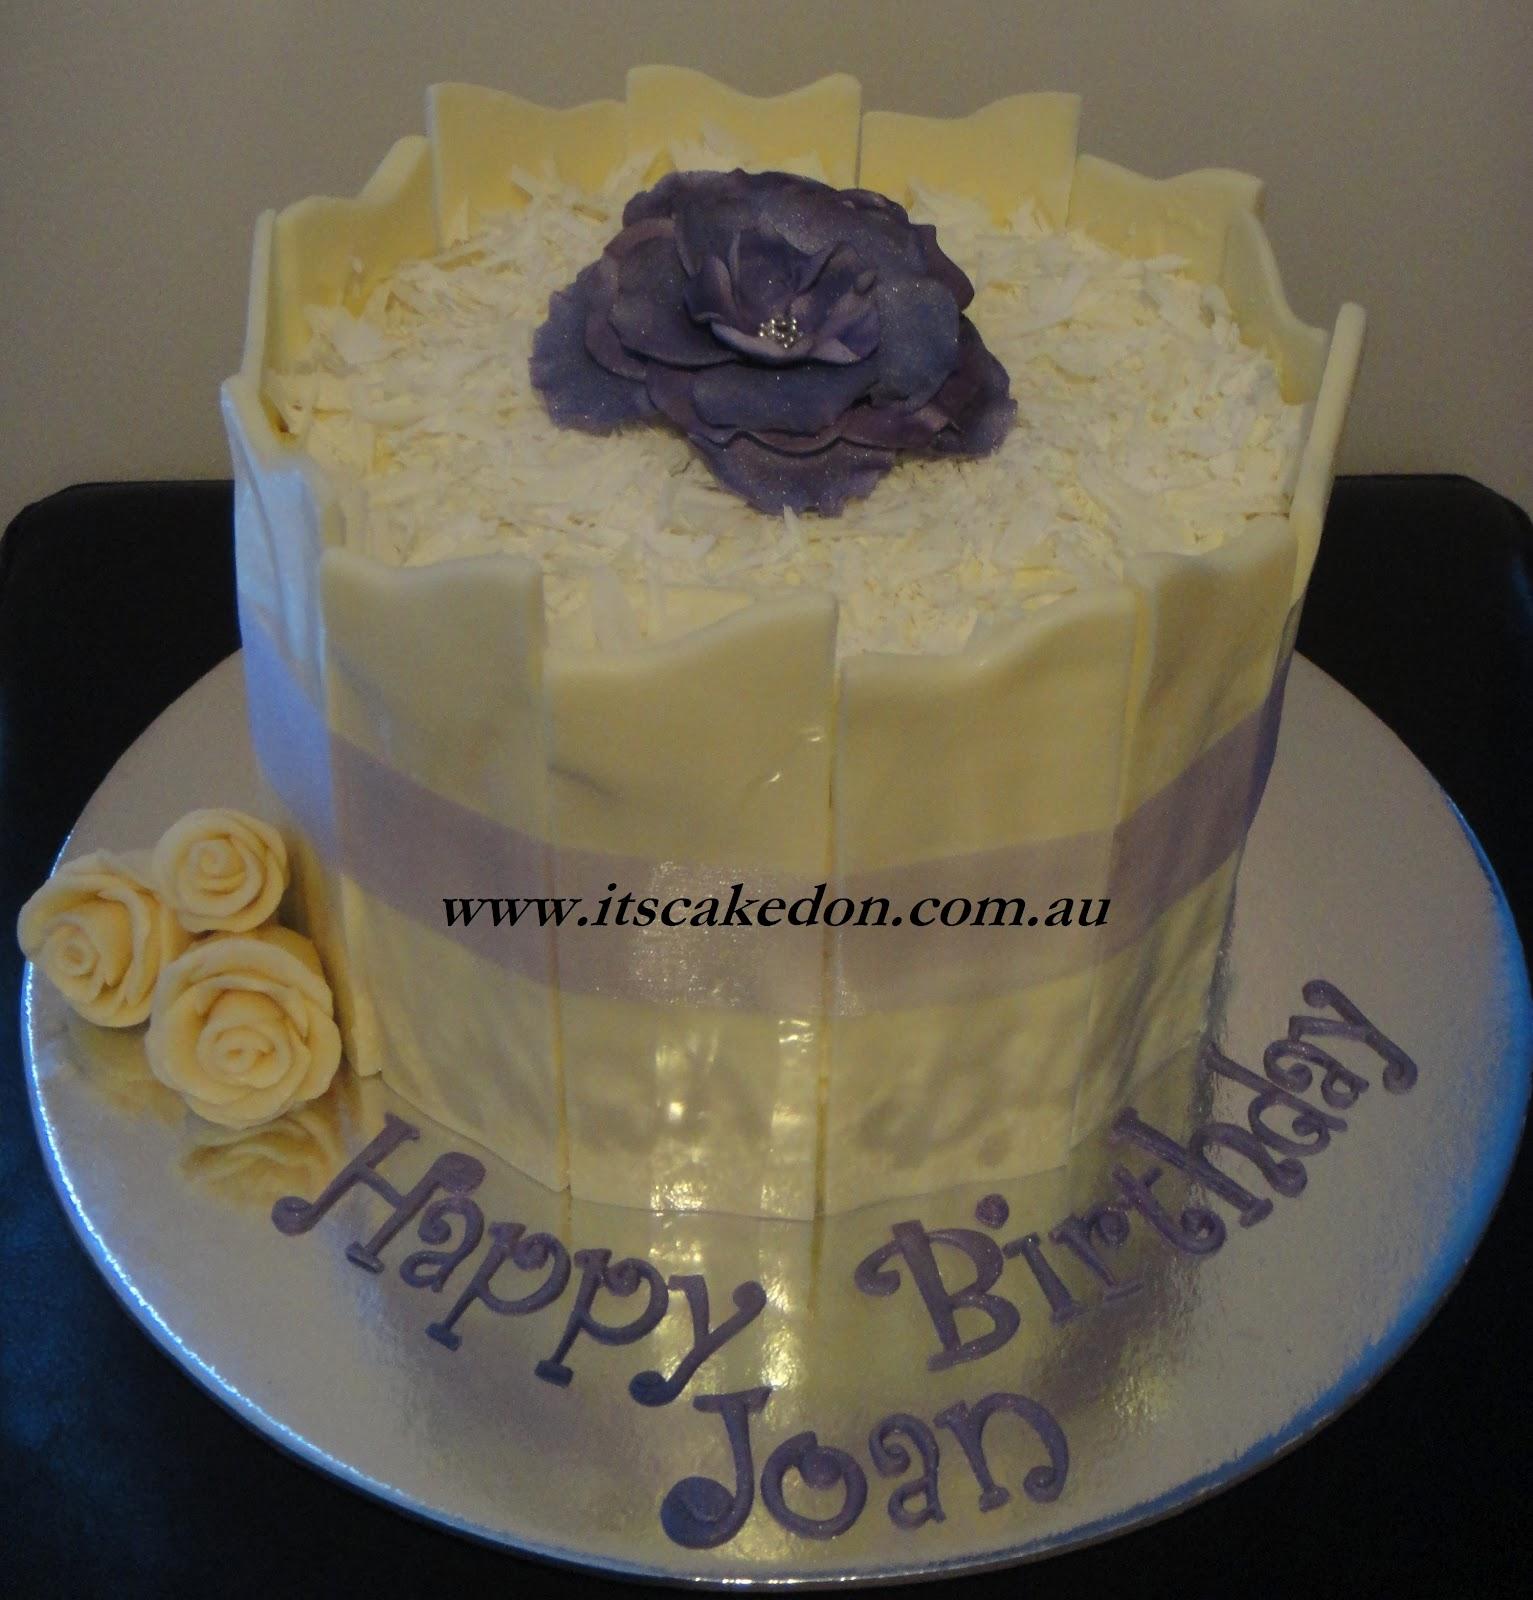 Its Caked On Joans White Chocolate Shard Cake